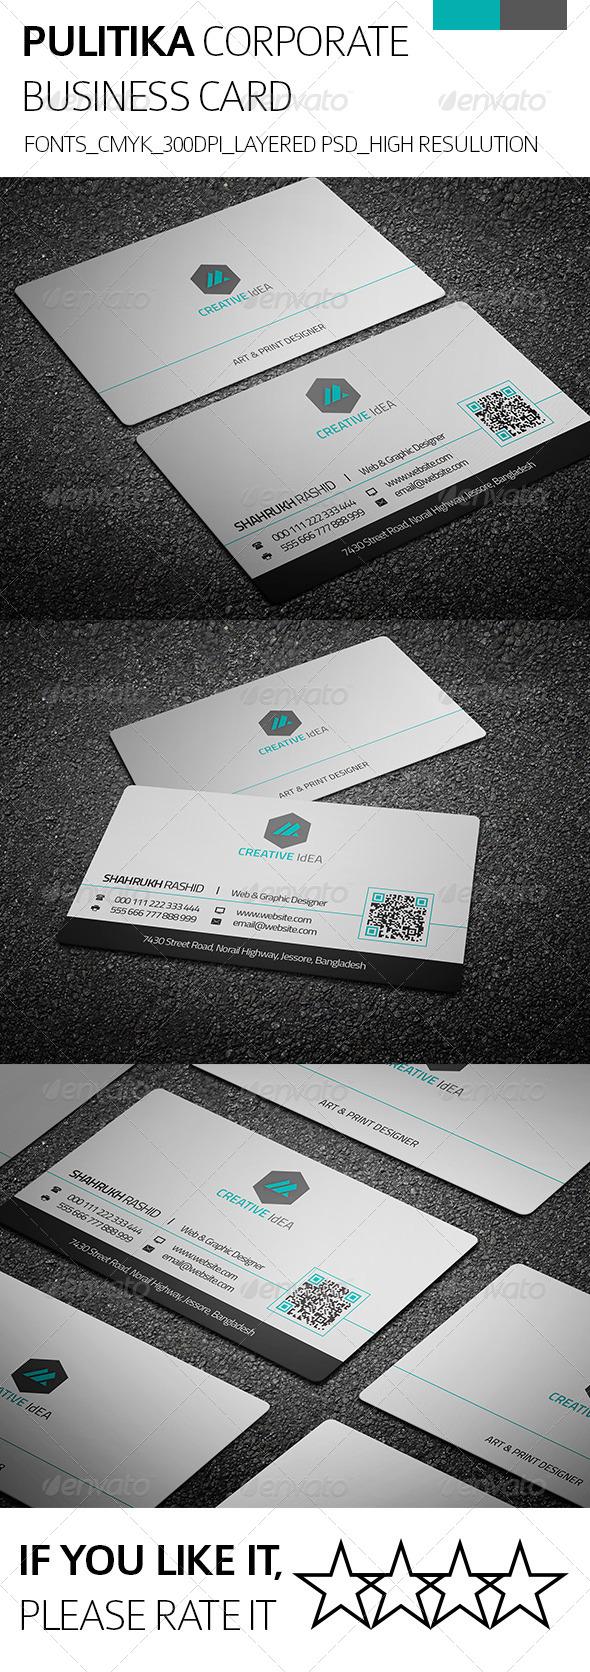 Pulitica & Corporate Business Card - Corporate Business Cards